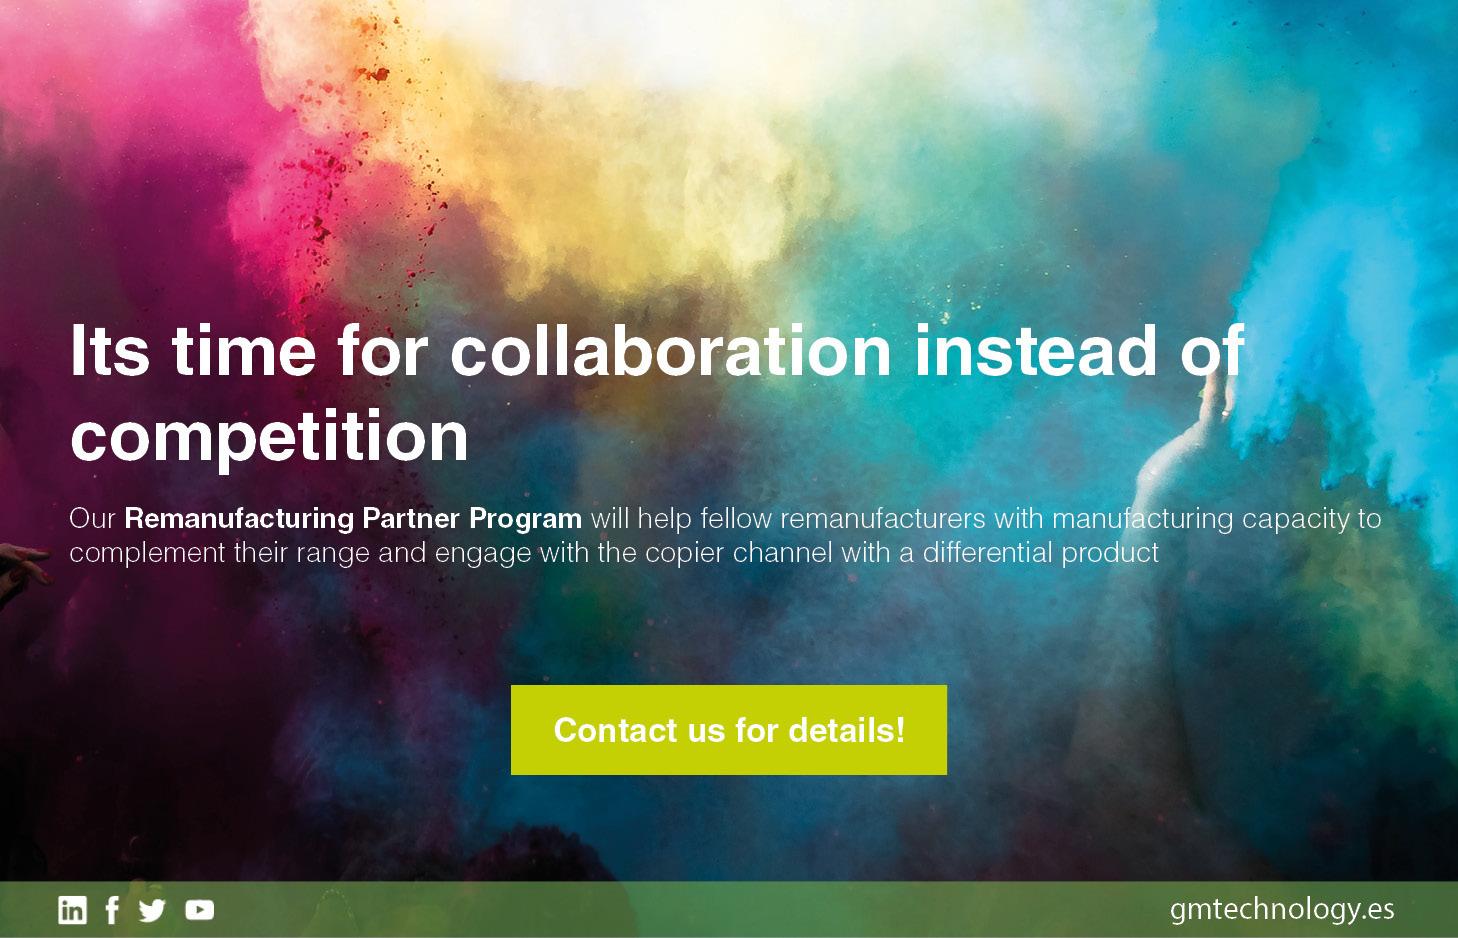 Nuevo programa de socios: Socio de Remanufactura